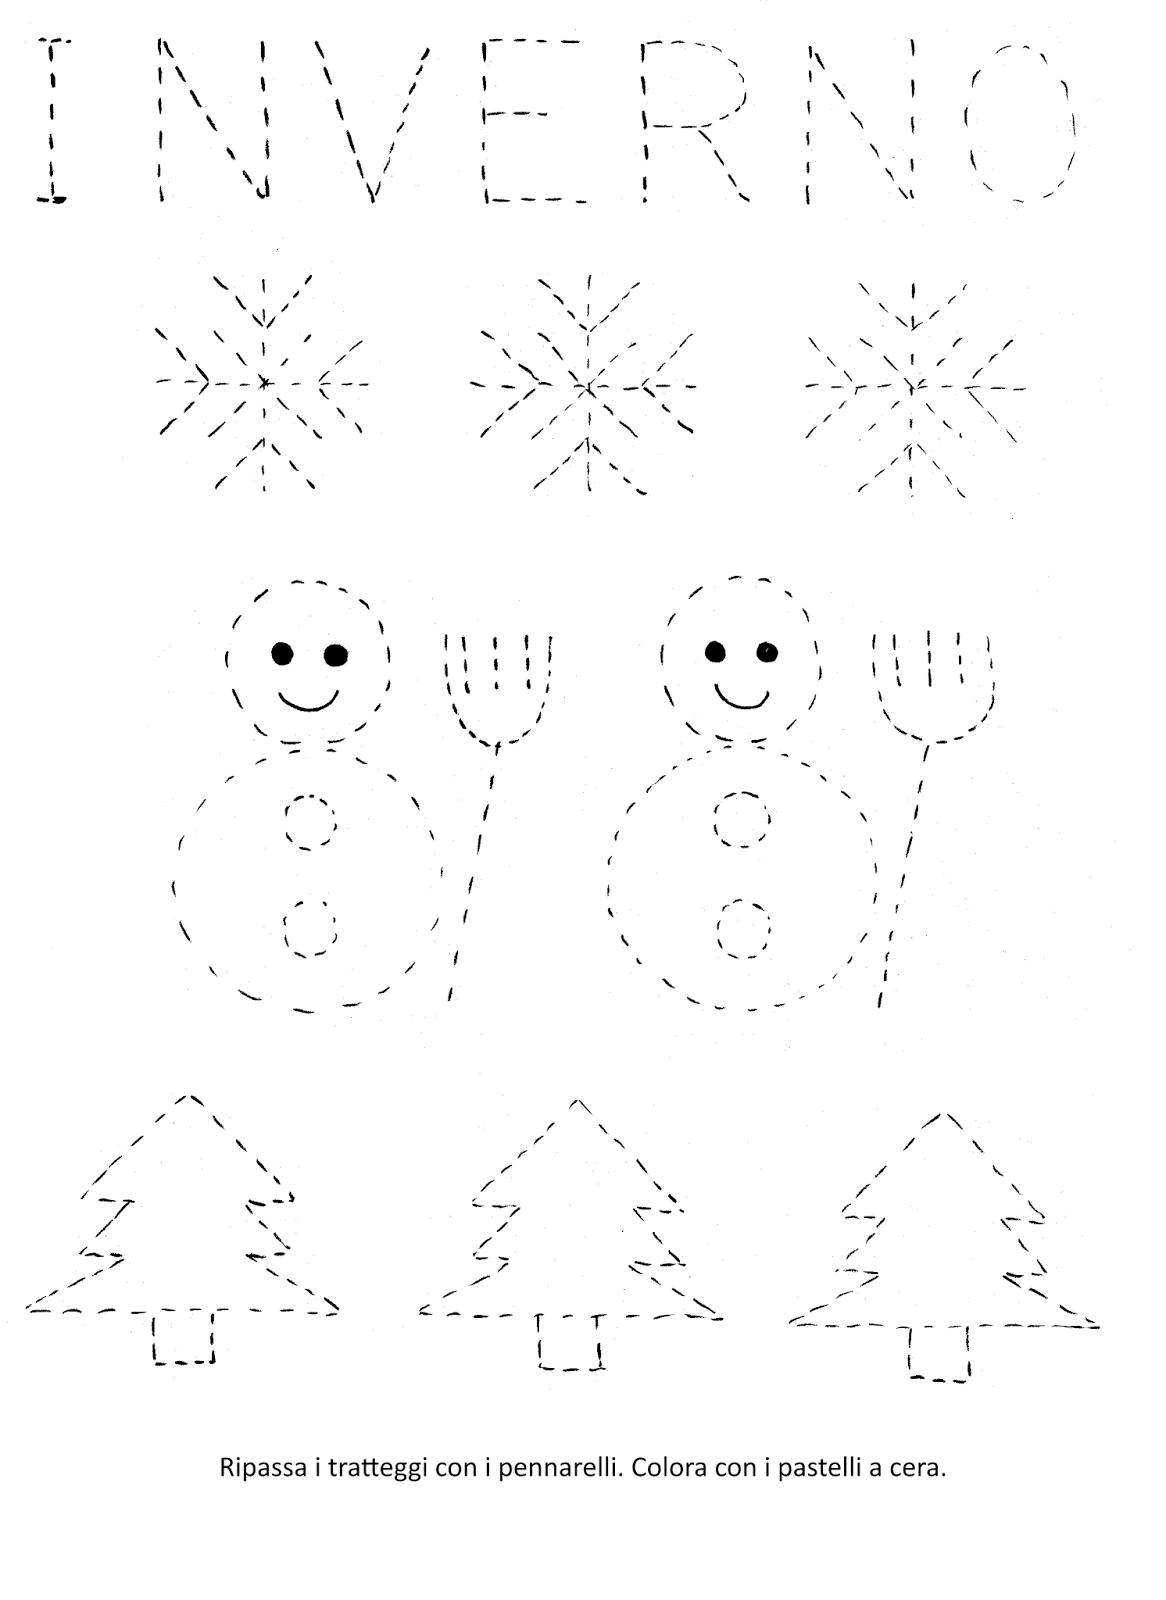 La maestra linda inverno pregrafismo for Schede didattiche scuola dell infanzia da stampare natale